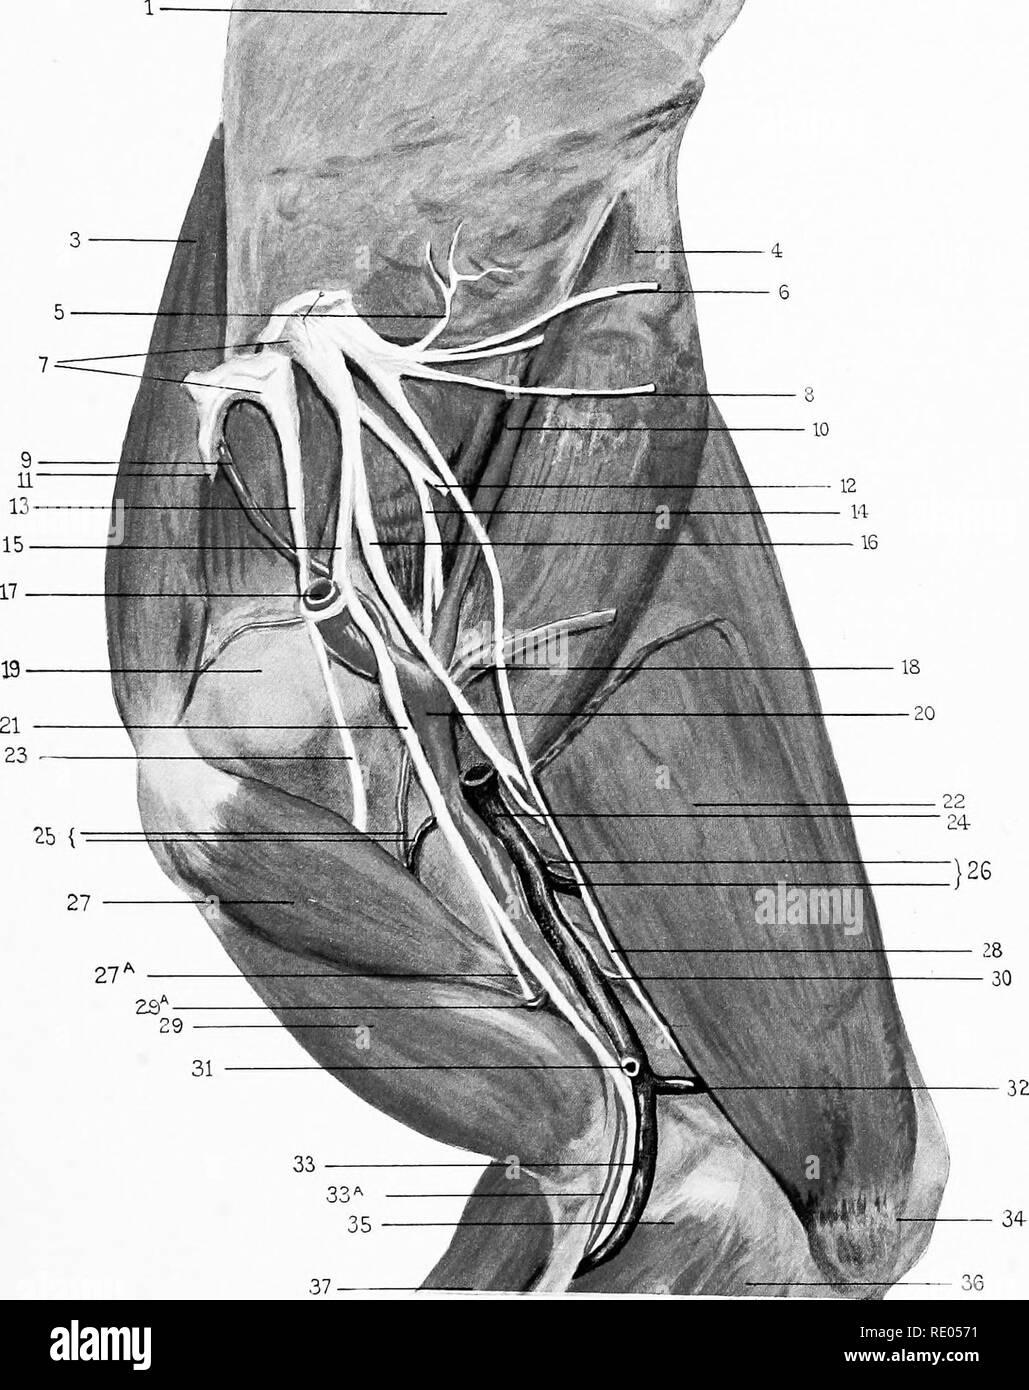 La anatomia chirurgica del cavallo ... I cavalli. Piastra VL-dissezione . 6b8144a10756